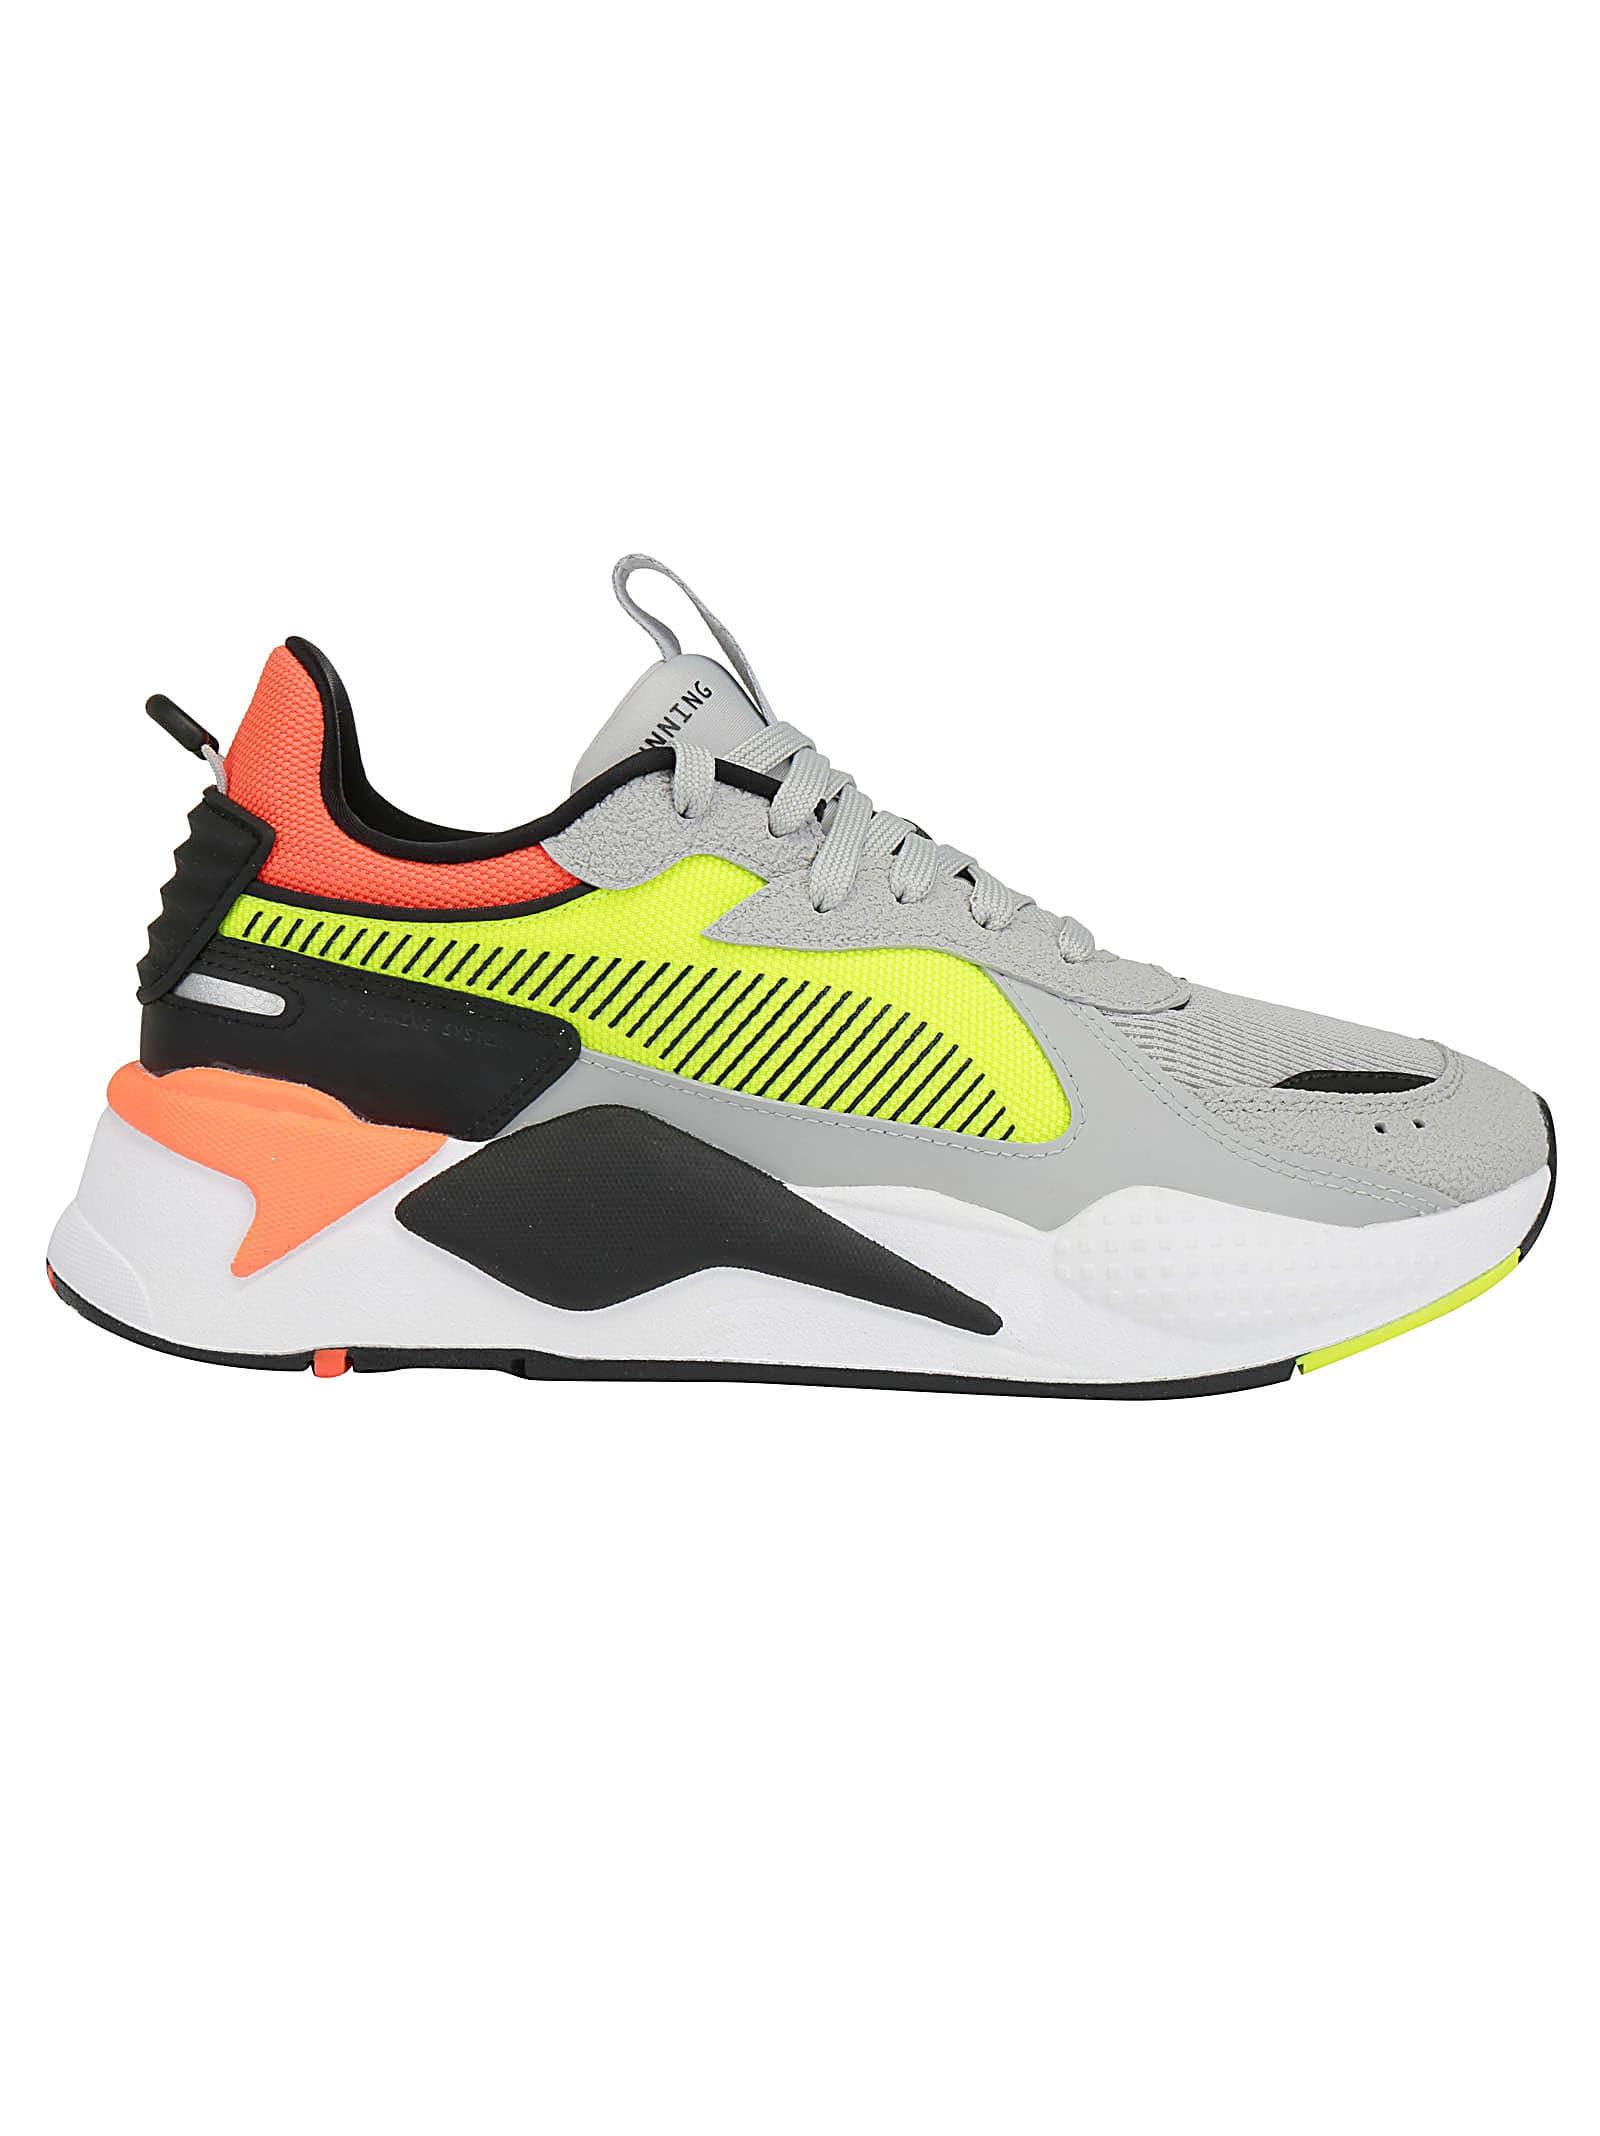 wyprzedaż sprzedawca detaliczny szczegóły dla Puma Rs-x Hard Drive Sneakers